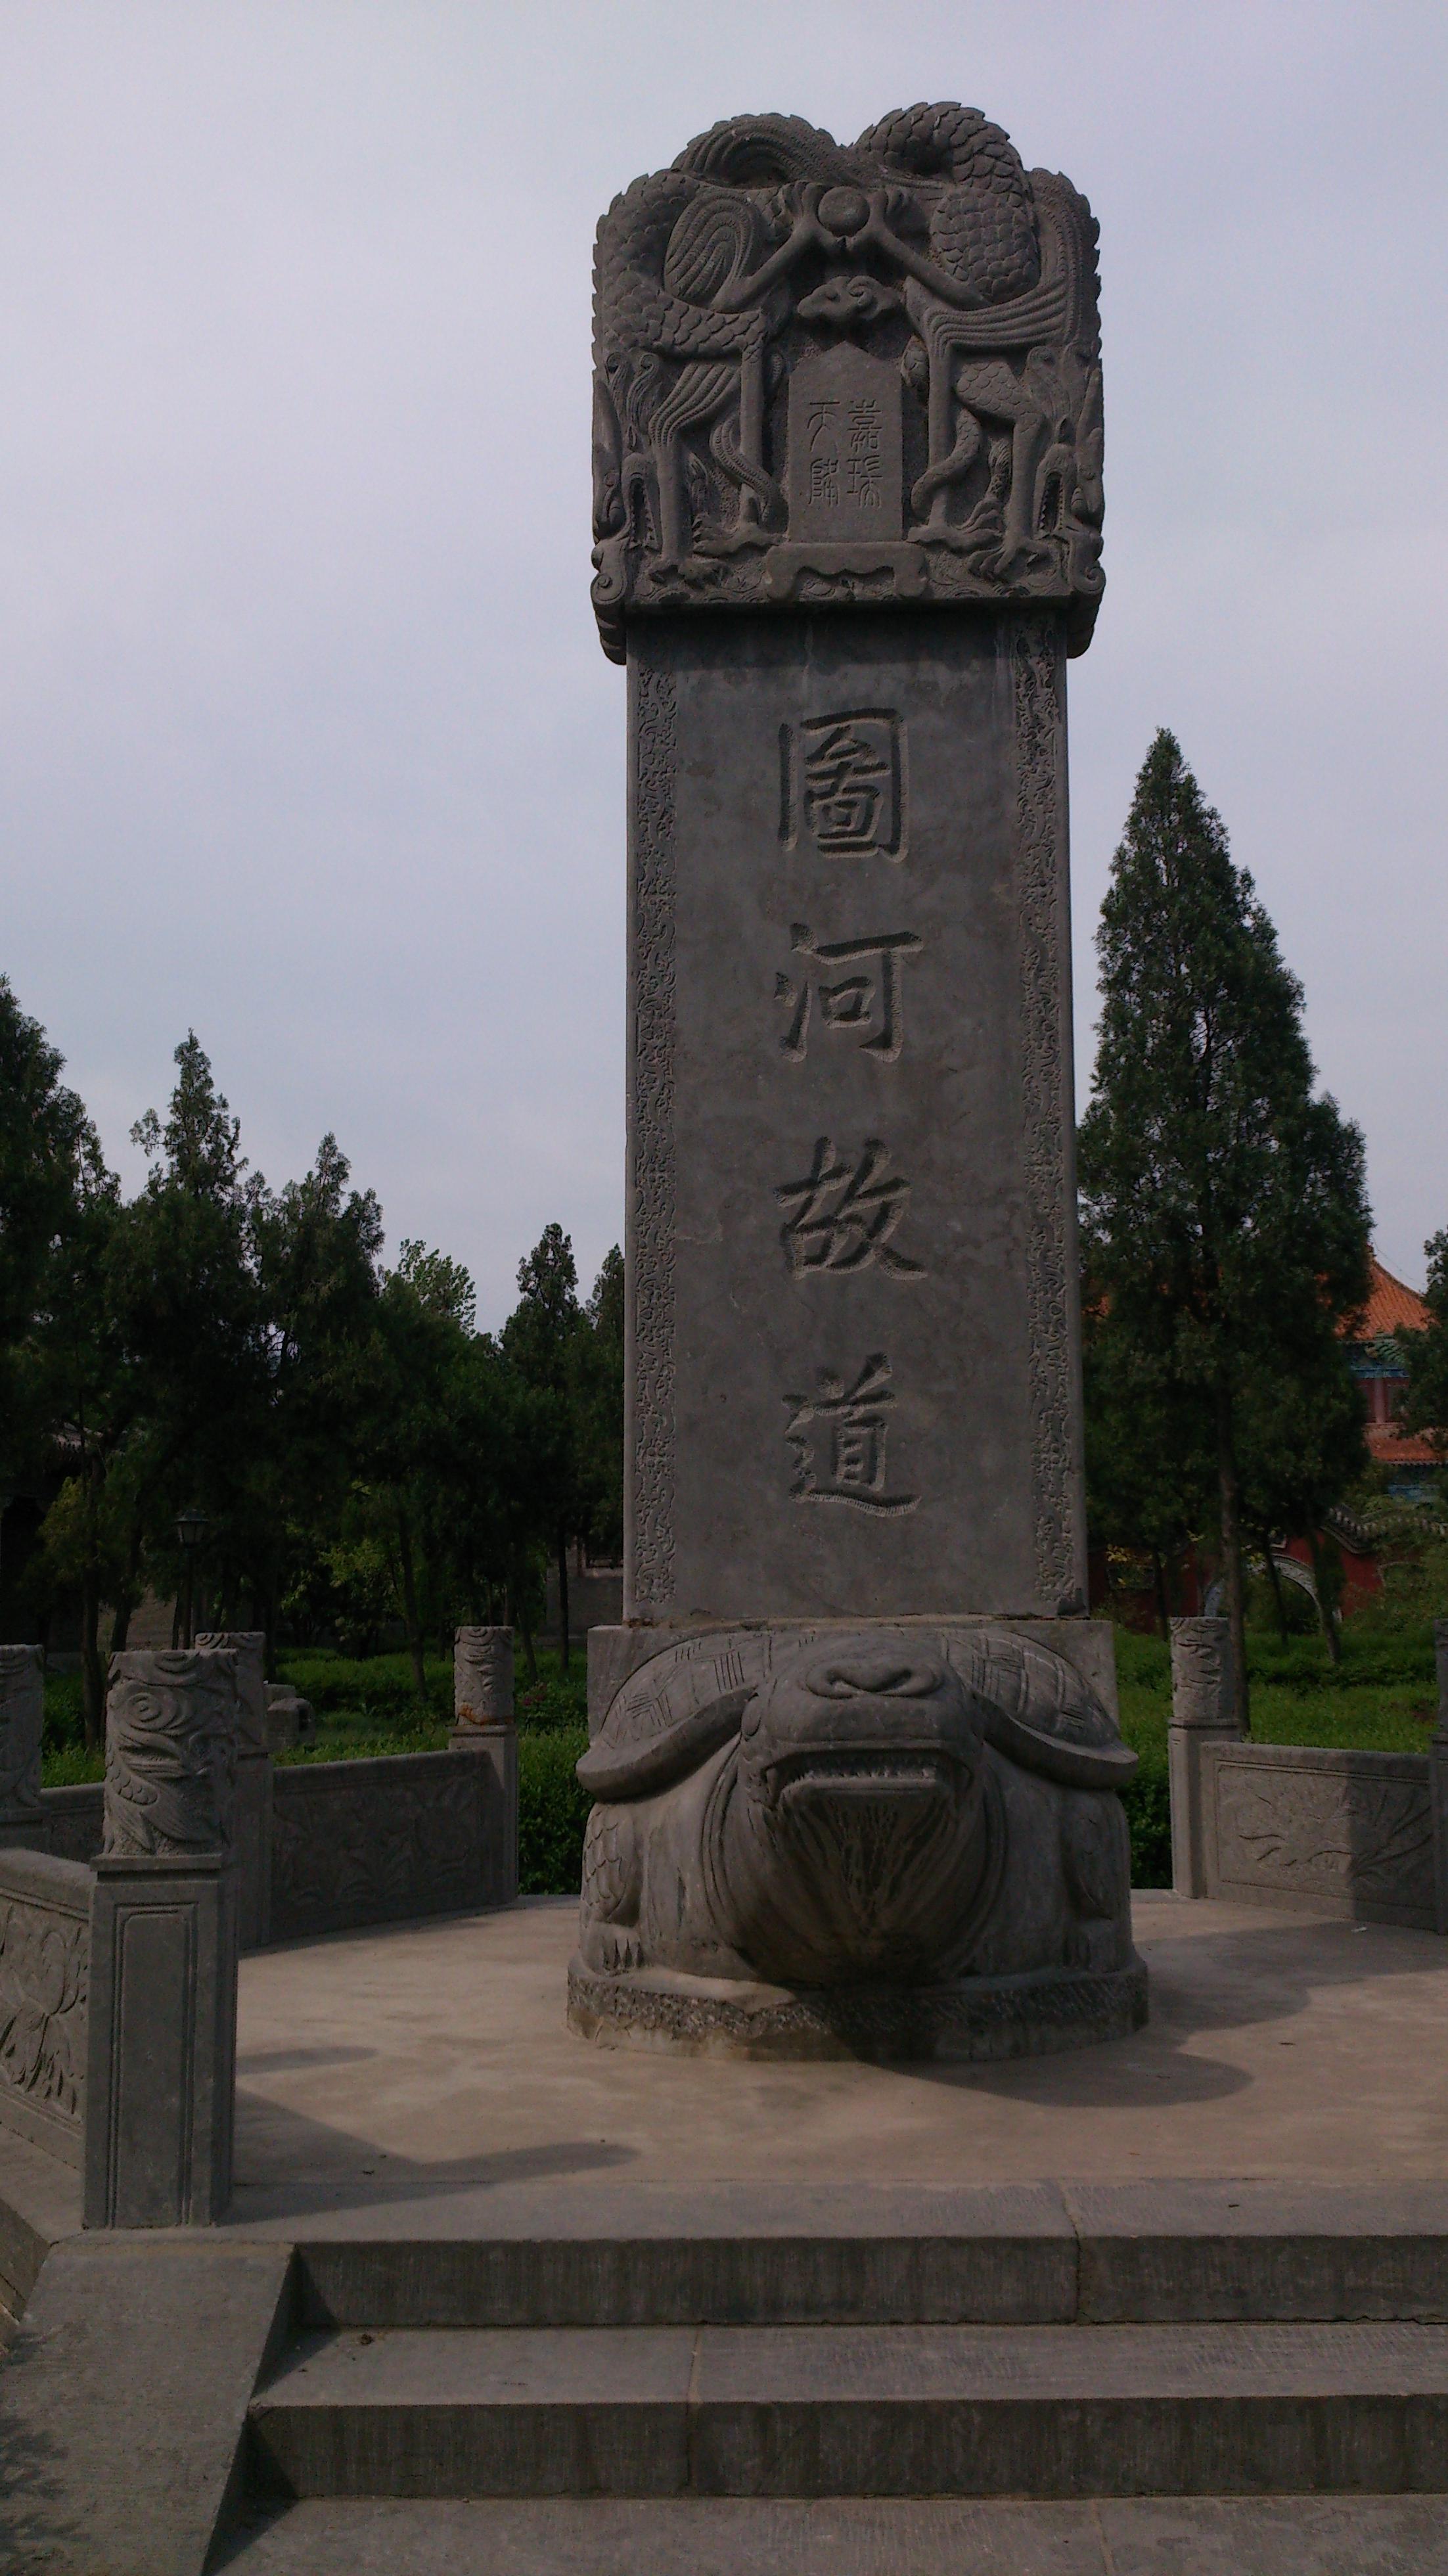 龙马负图寺